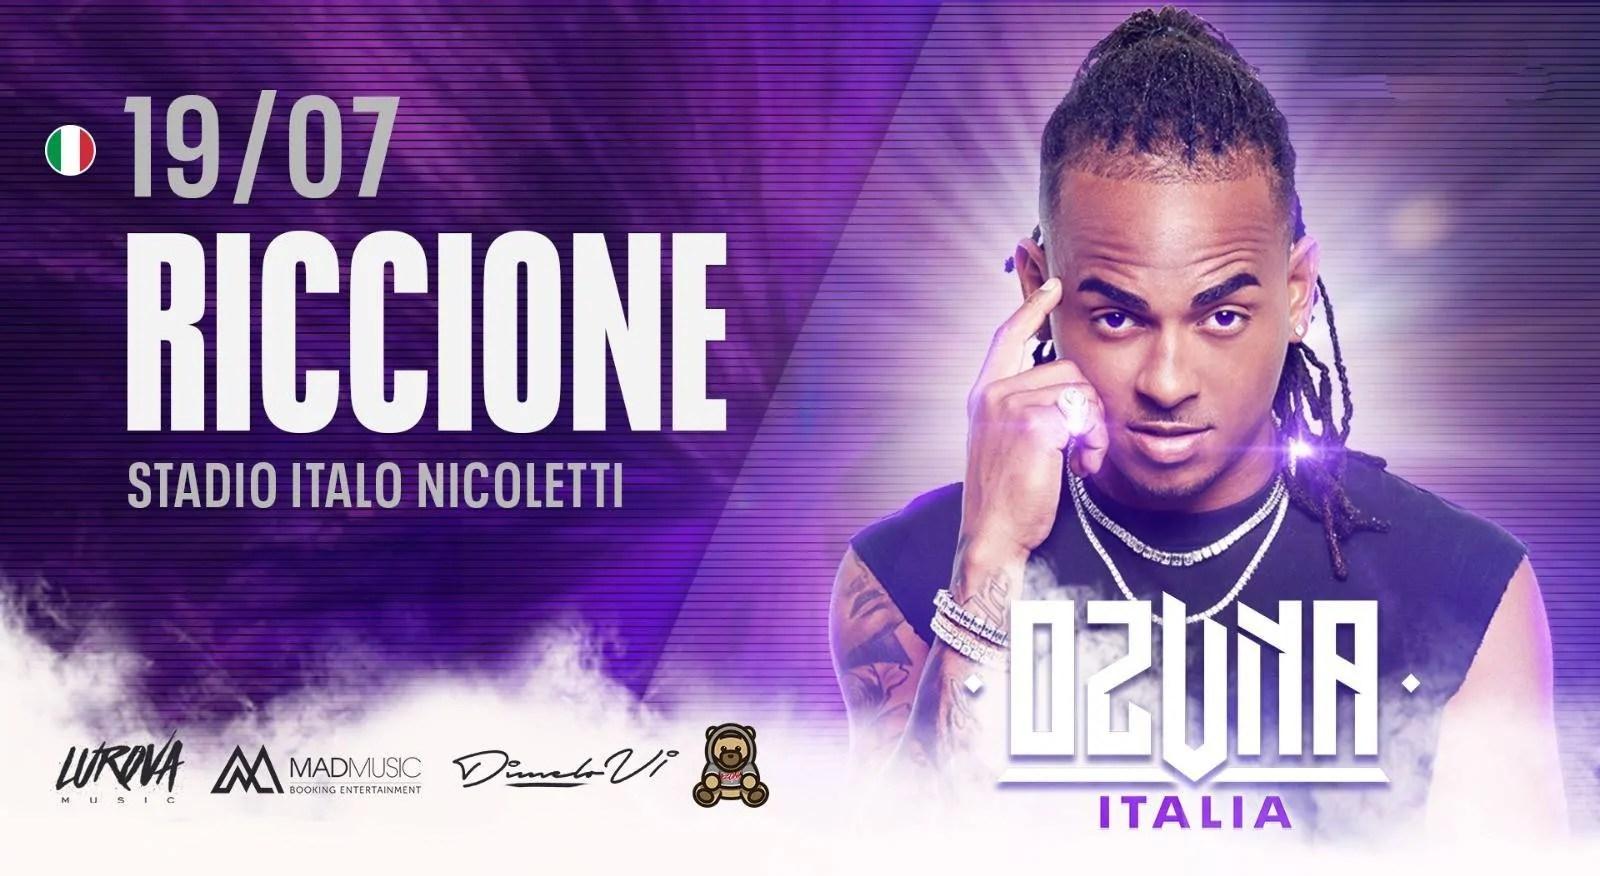 Ozuna in concerto a Riccione Stadio Comunale Venerdì 19 Luglio 2019 + Prezzi Ticket in Prevendita Biglietti Tavoli Liste Pacchetti Hotel